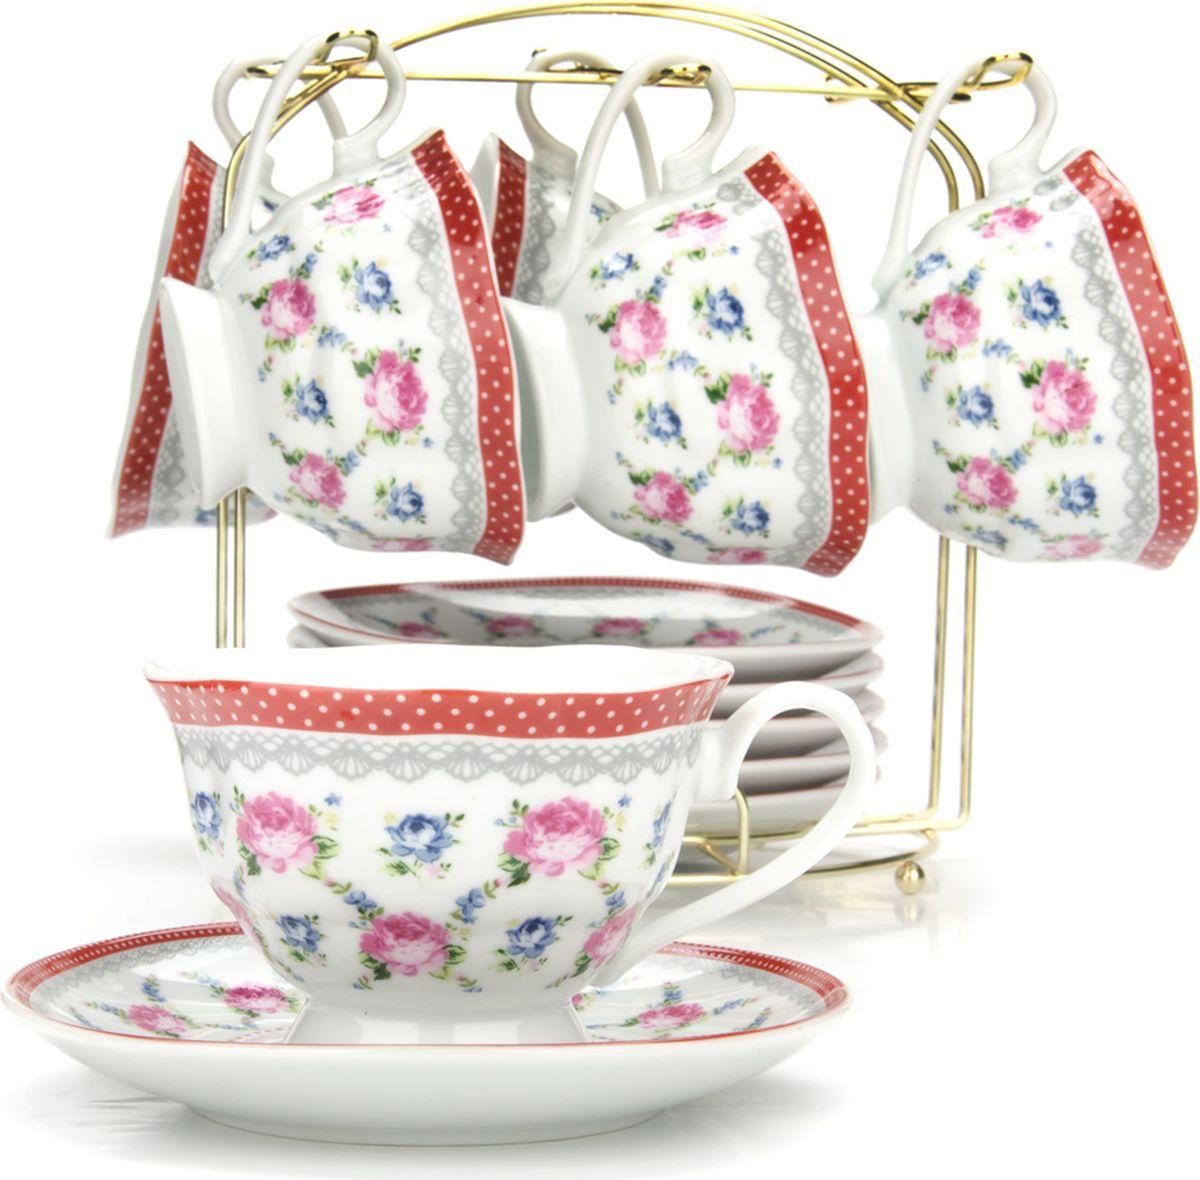 Сервиз чайный Loraine, на подставке, 13 предметов. 43296VT-1520(SR)Чайный набор состоит из шести чашек, шести блюдец и металлической подставки. Предметы набора изготовлены из качественного фарфора и оформлены красочным рисунком. Чайный набор идеально подойдет для сервировки стола и станет отличным подарком к любому празднику. Все изделия можно компактно хранить на подставке, входящей в набор. Подходит для мытья в посудомоечной машине.Диаметр чашки: 9,5 см.Высота чашки: 6,5 см.Объем чашки: 180 мл.Диаметр блюдца: 14 см.